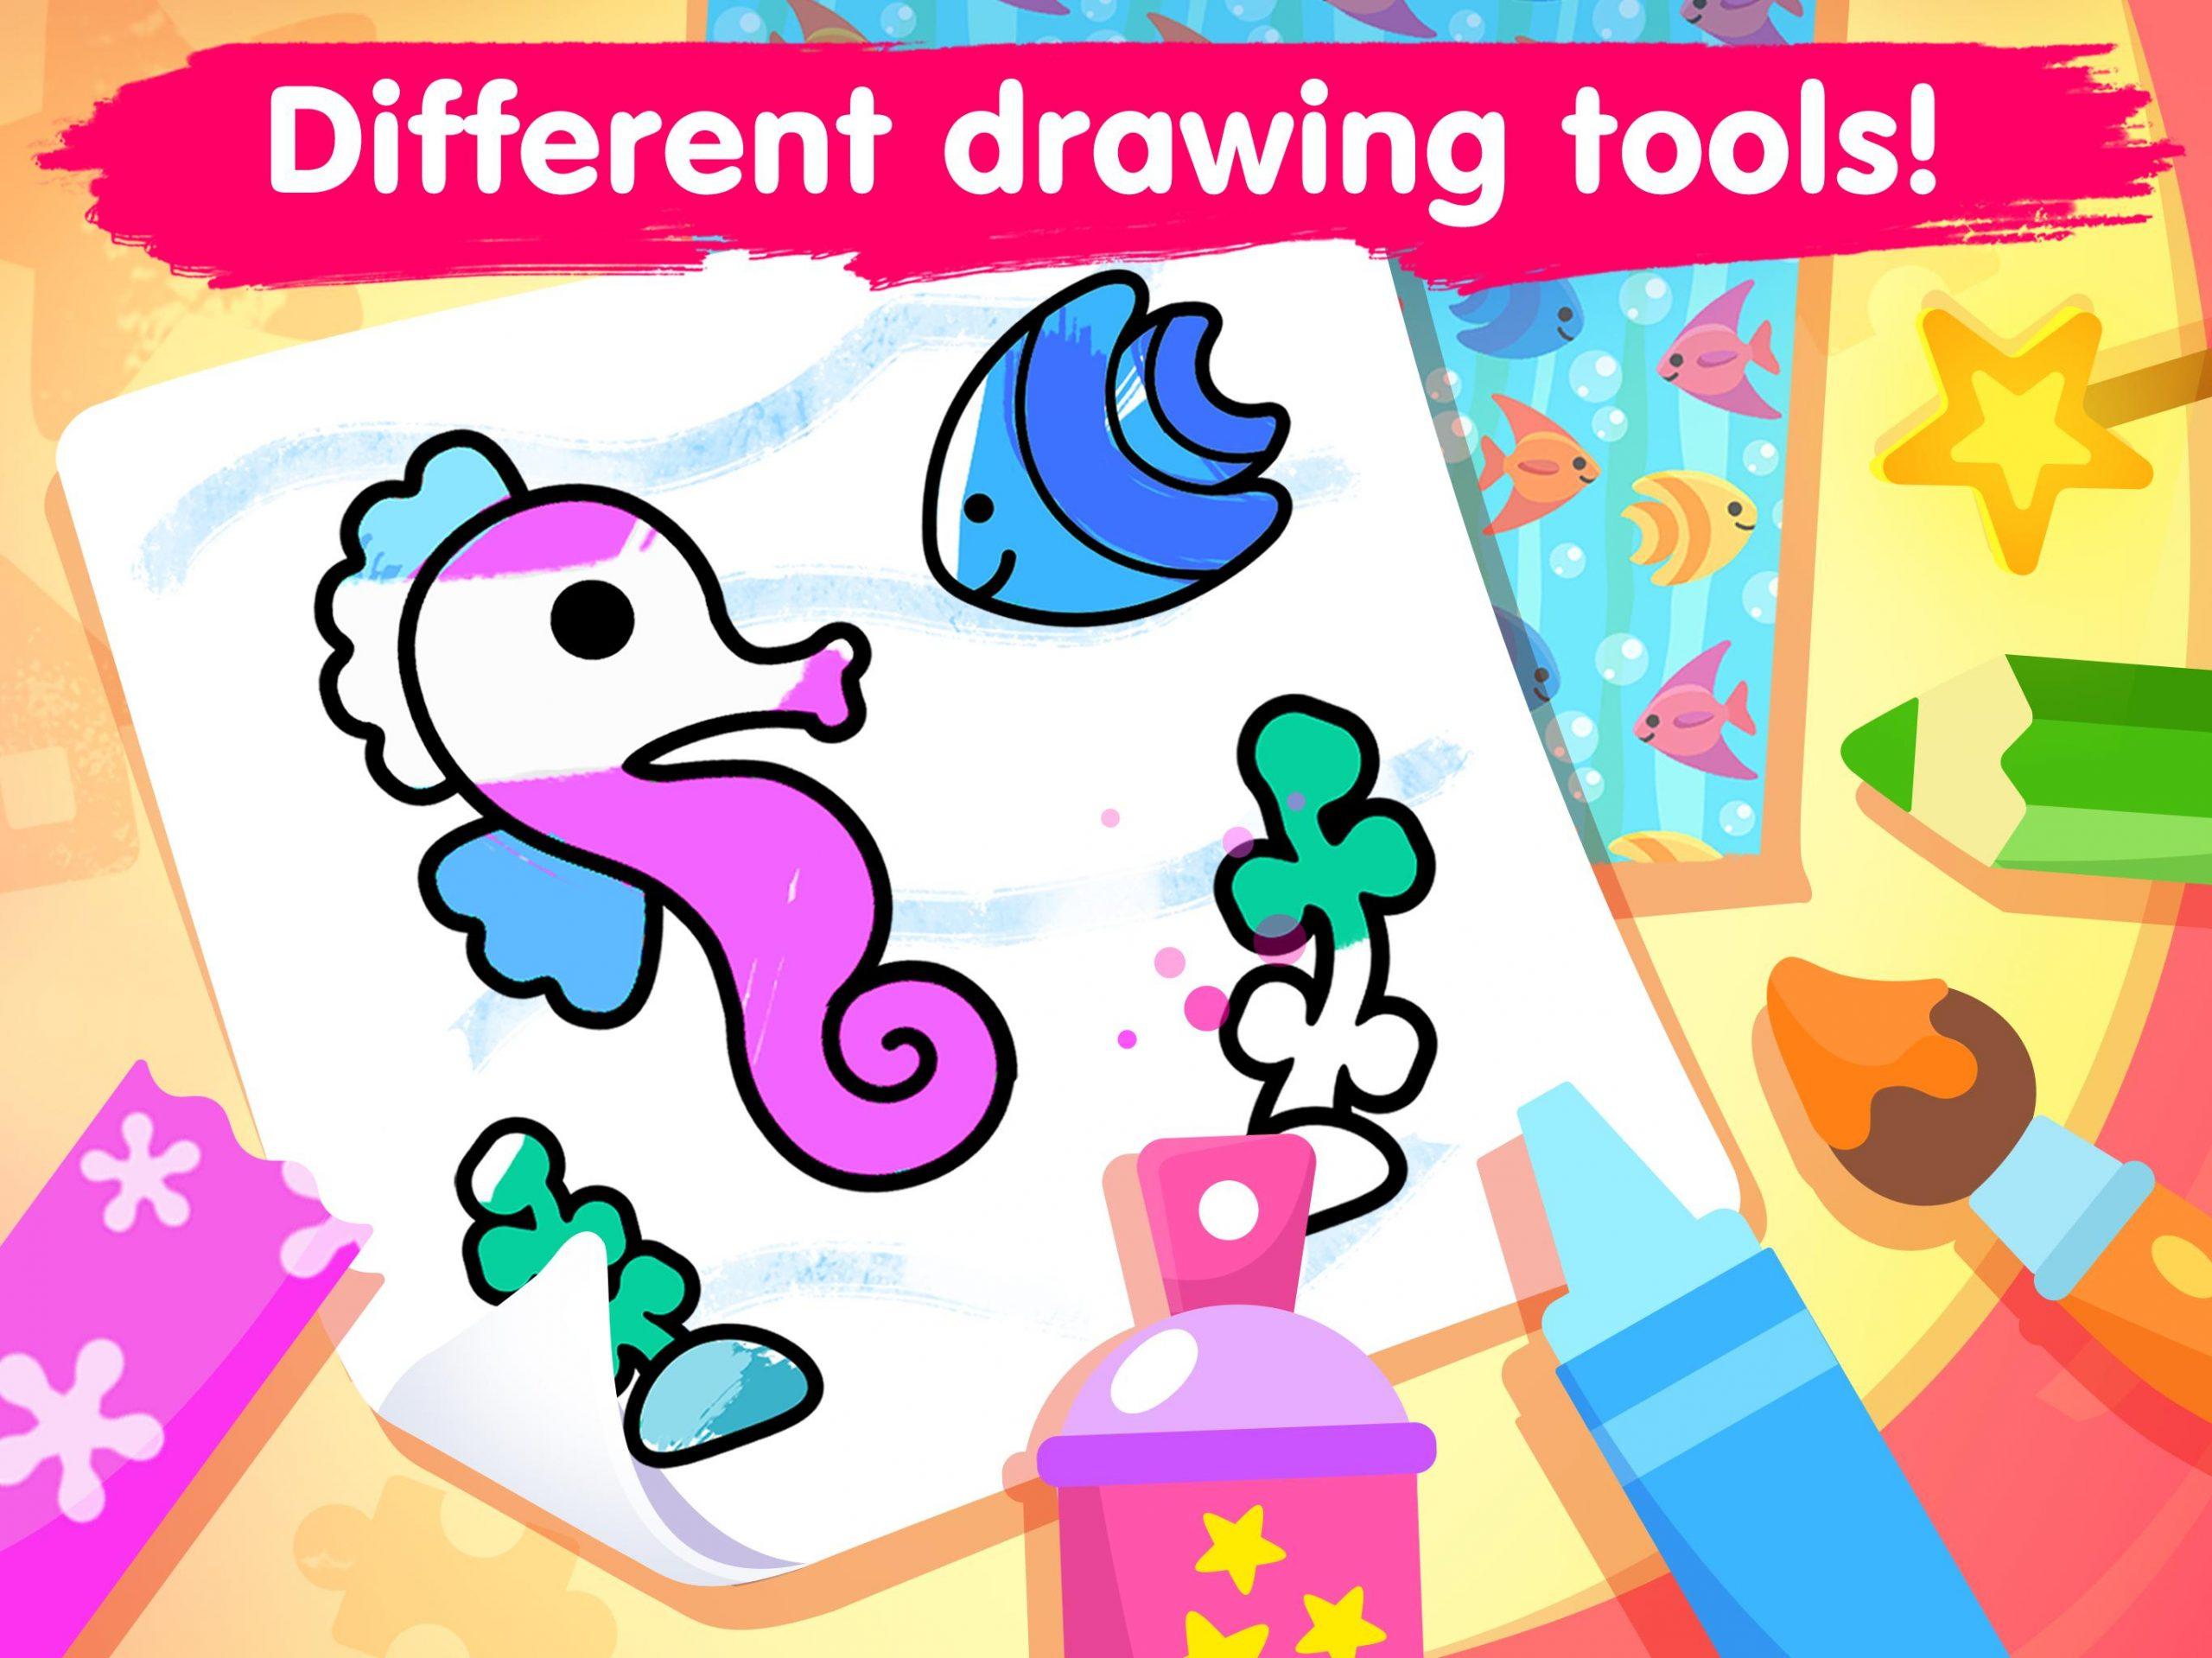 Jeux De Coloriage Pour Les Enfants 2-5 Ans Pour Android destiné Jeux Enfant 7 Ans